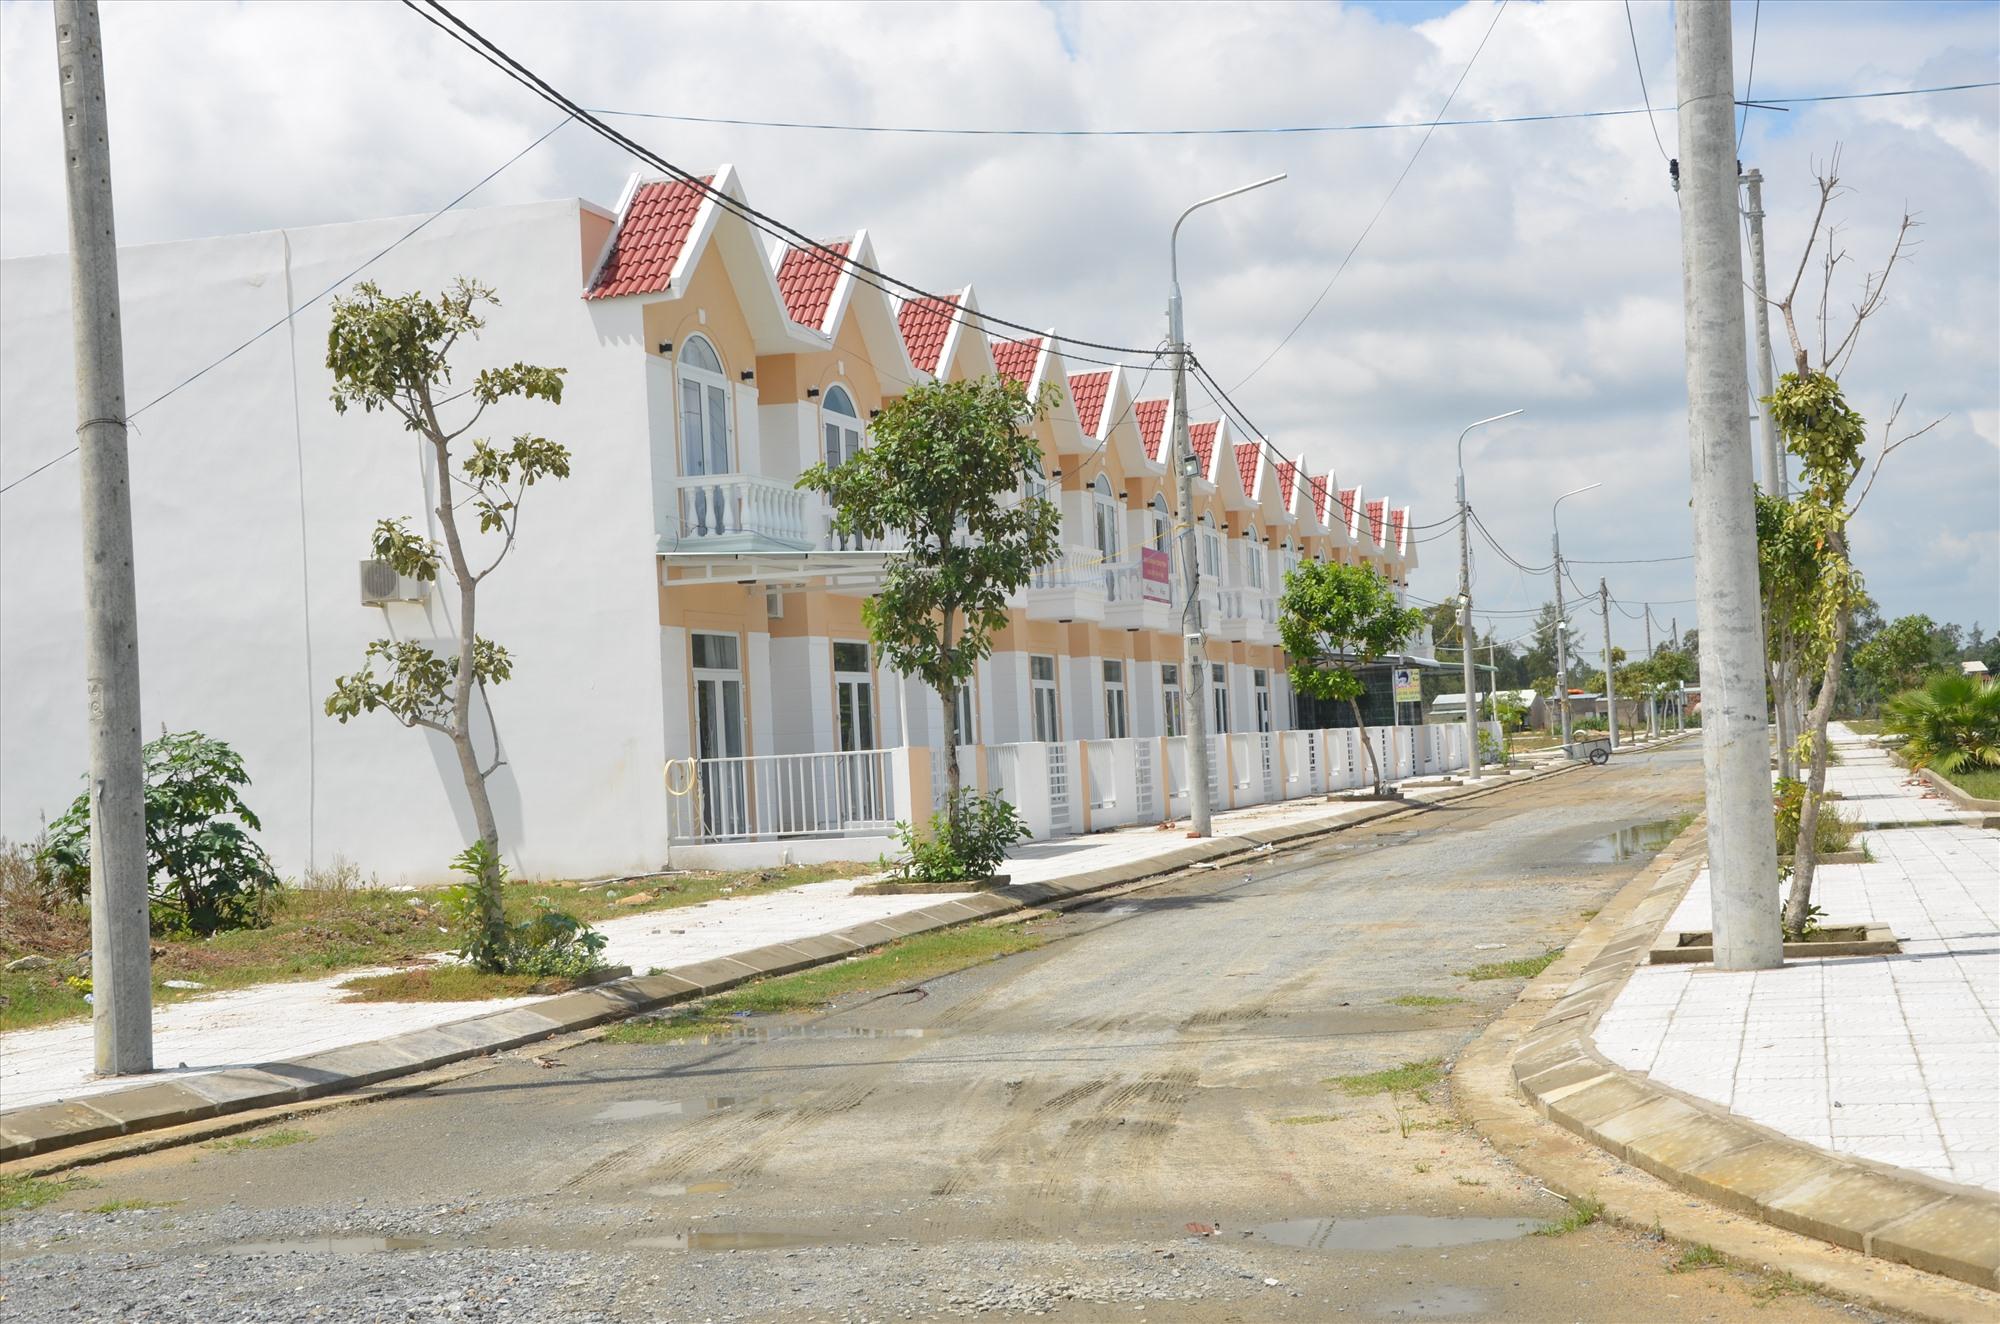 Đô thị mới Điện Nam - Điện Ngọc đang dần lấp đầy diện tích quy hoạch phát triển không gian đô thị, bất động sản. Ảnh: T.H